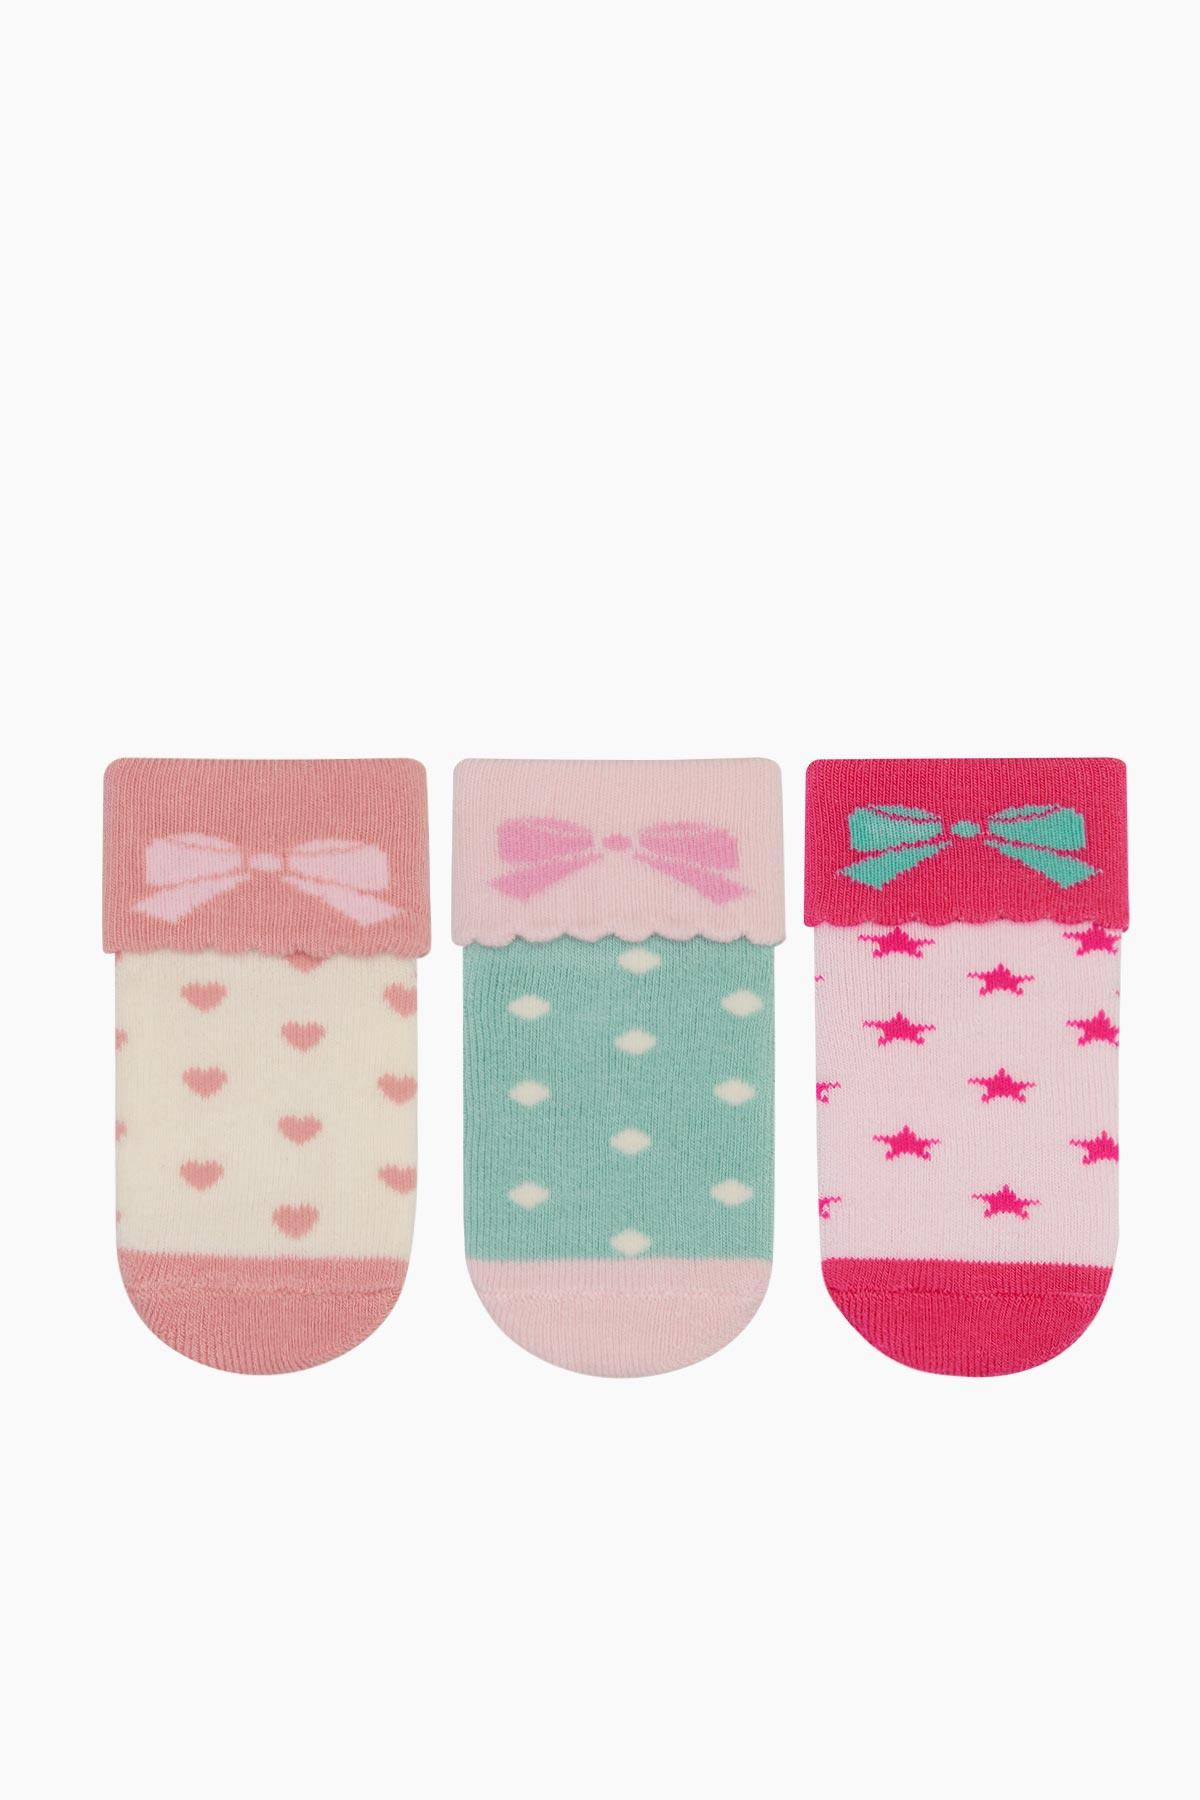 Bross - Bross 3'lü Paket Kurdele Desenlı Havlu Bebek Çorabı